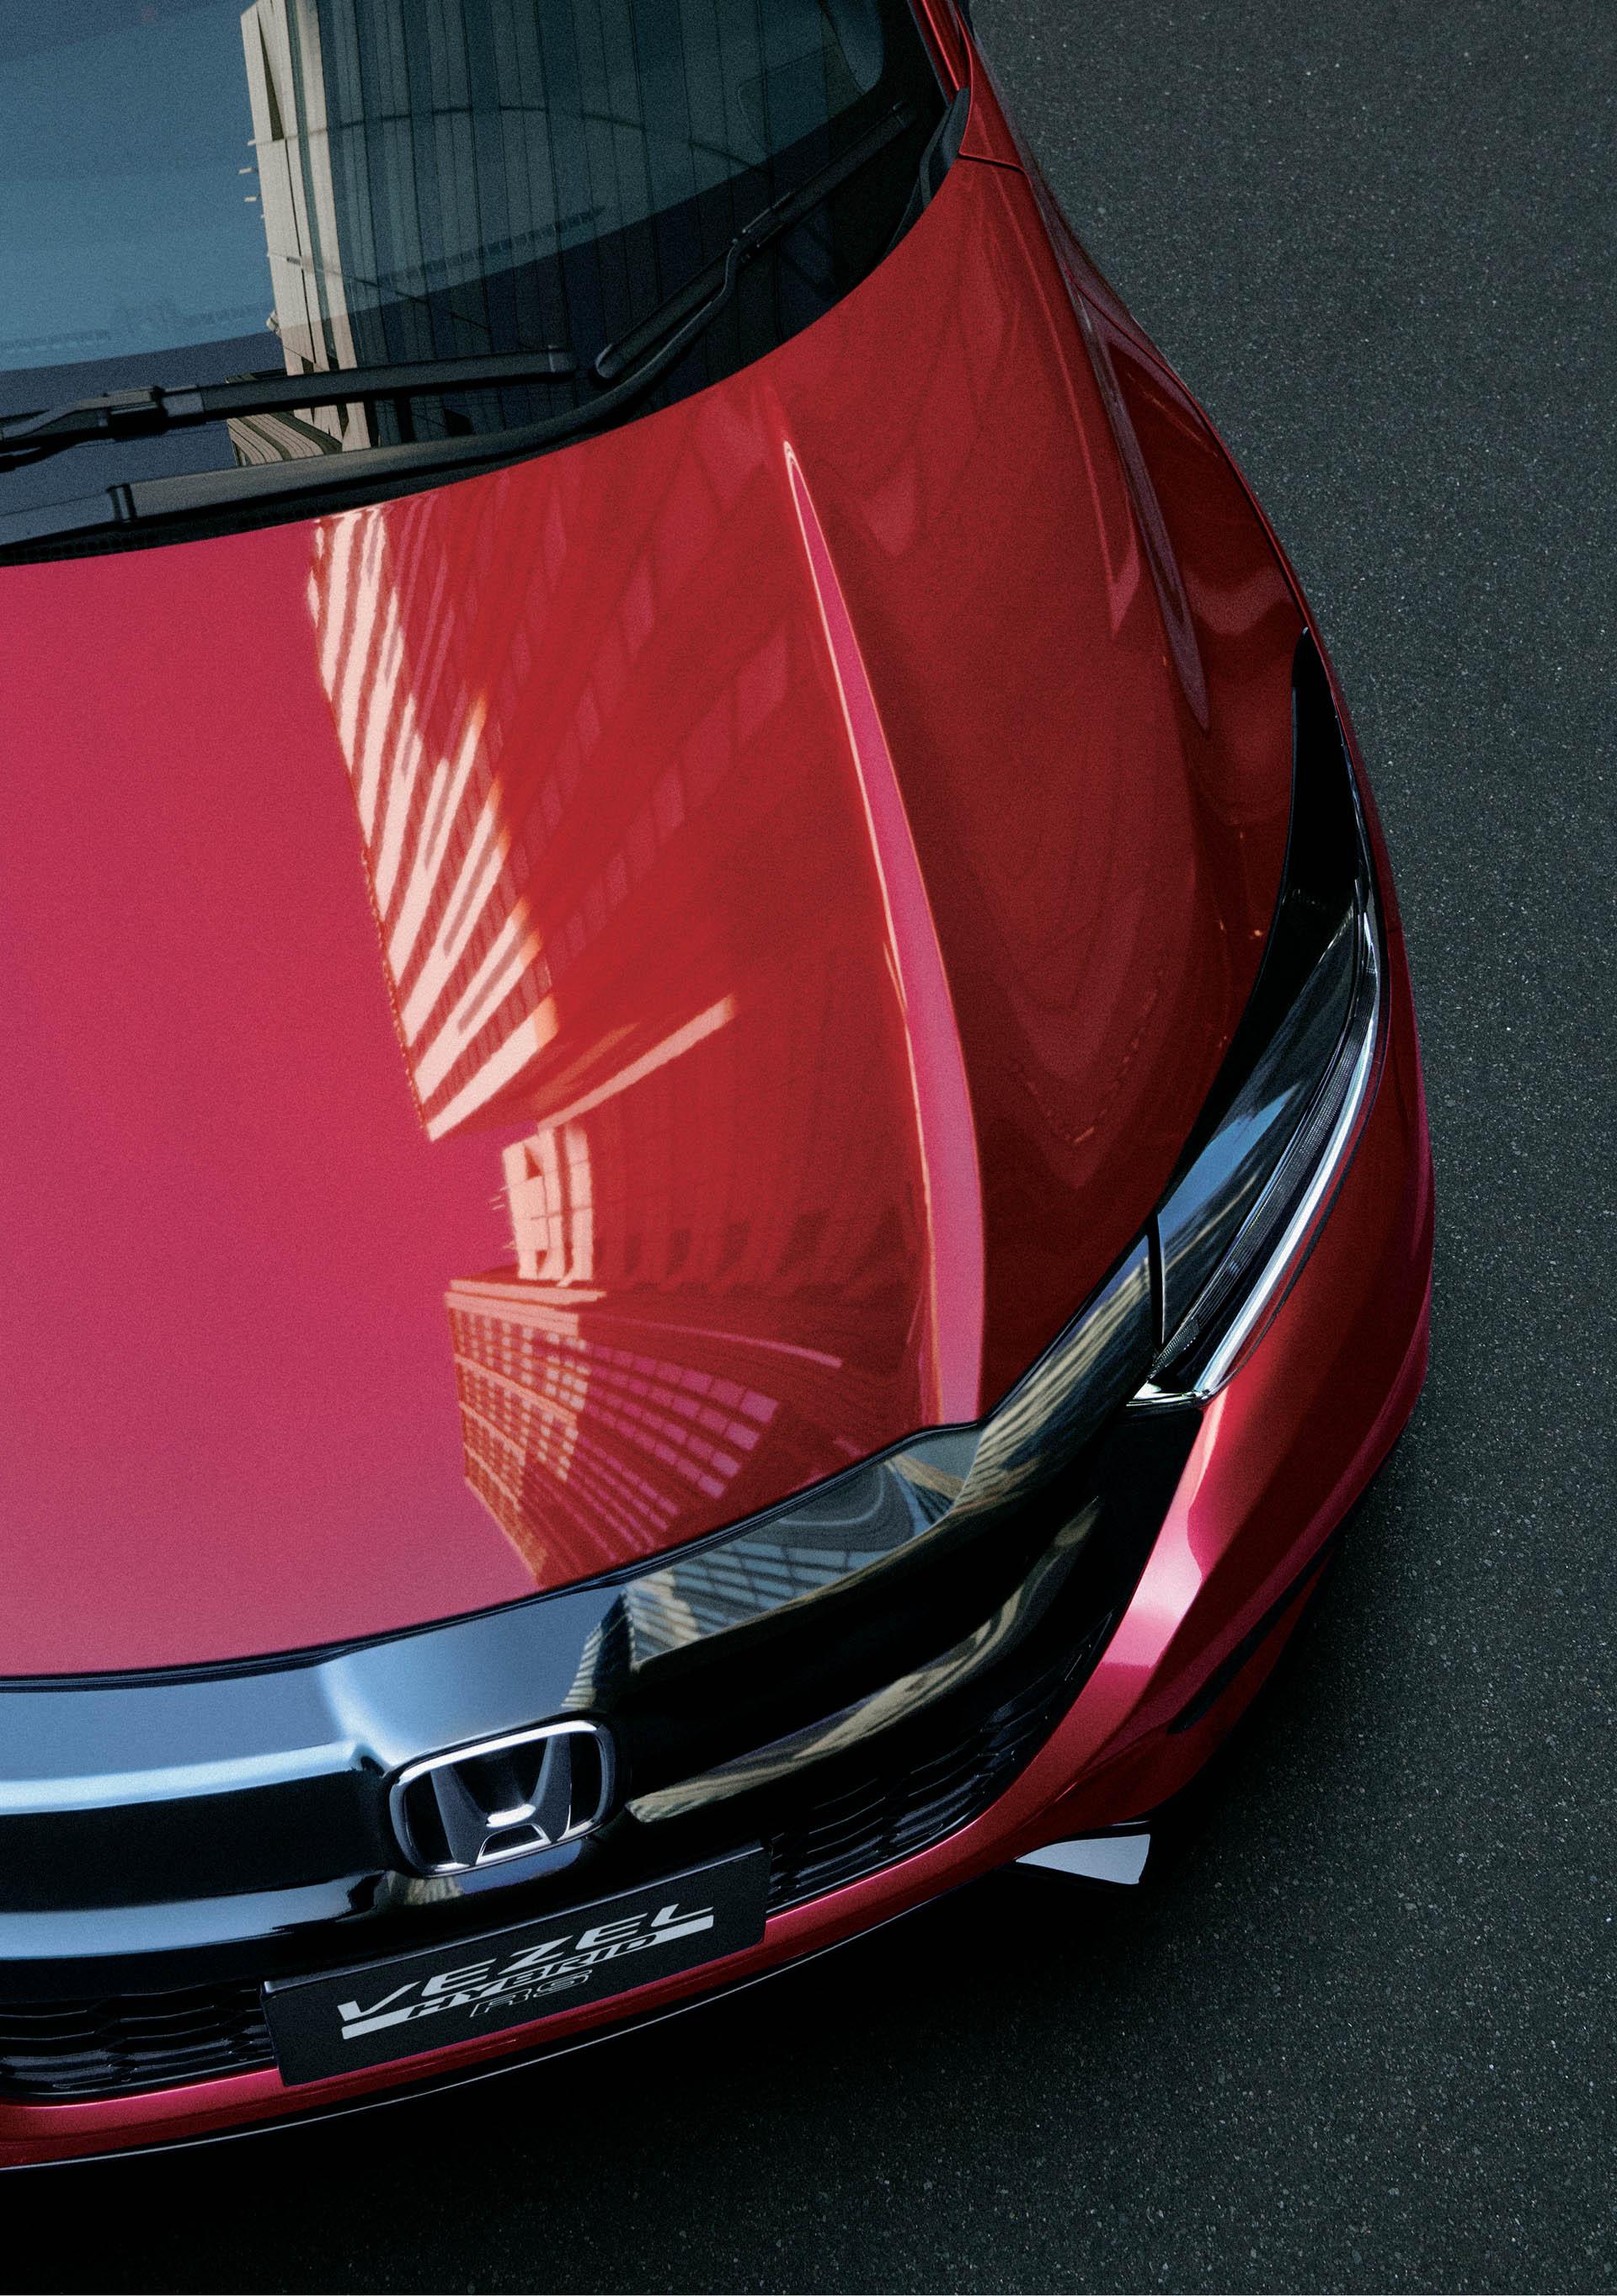 2019 Honda HR-V Facelift Launched In Japan as New Vezel ...